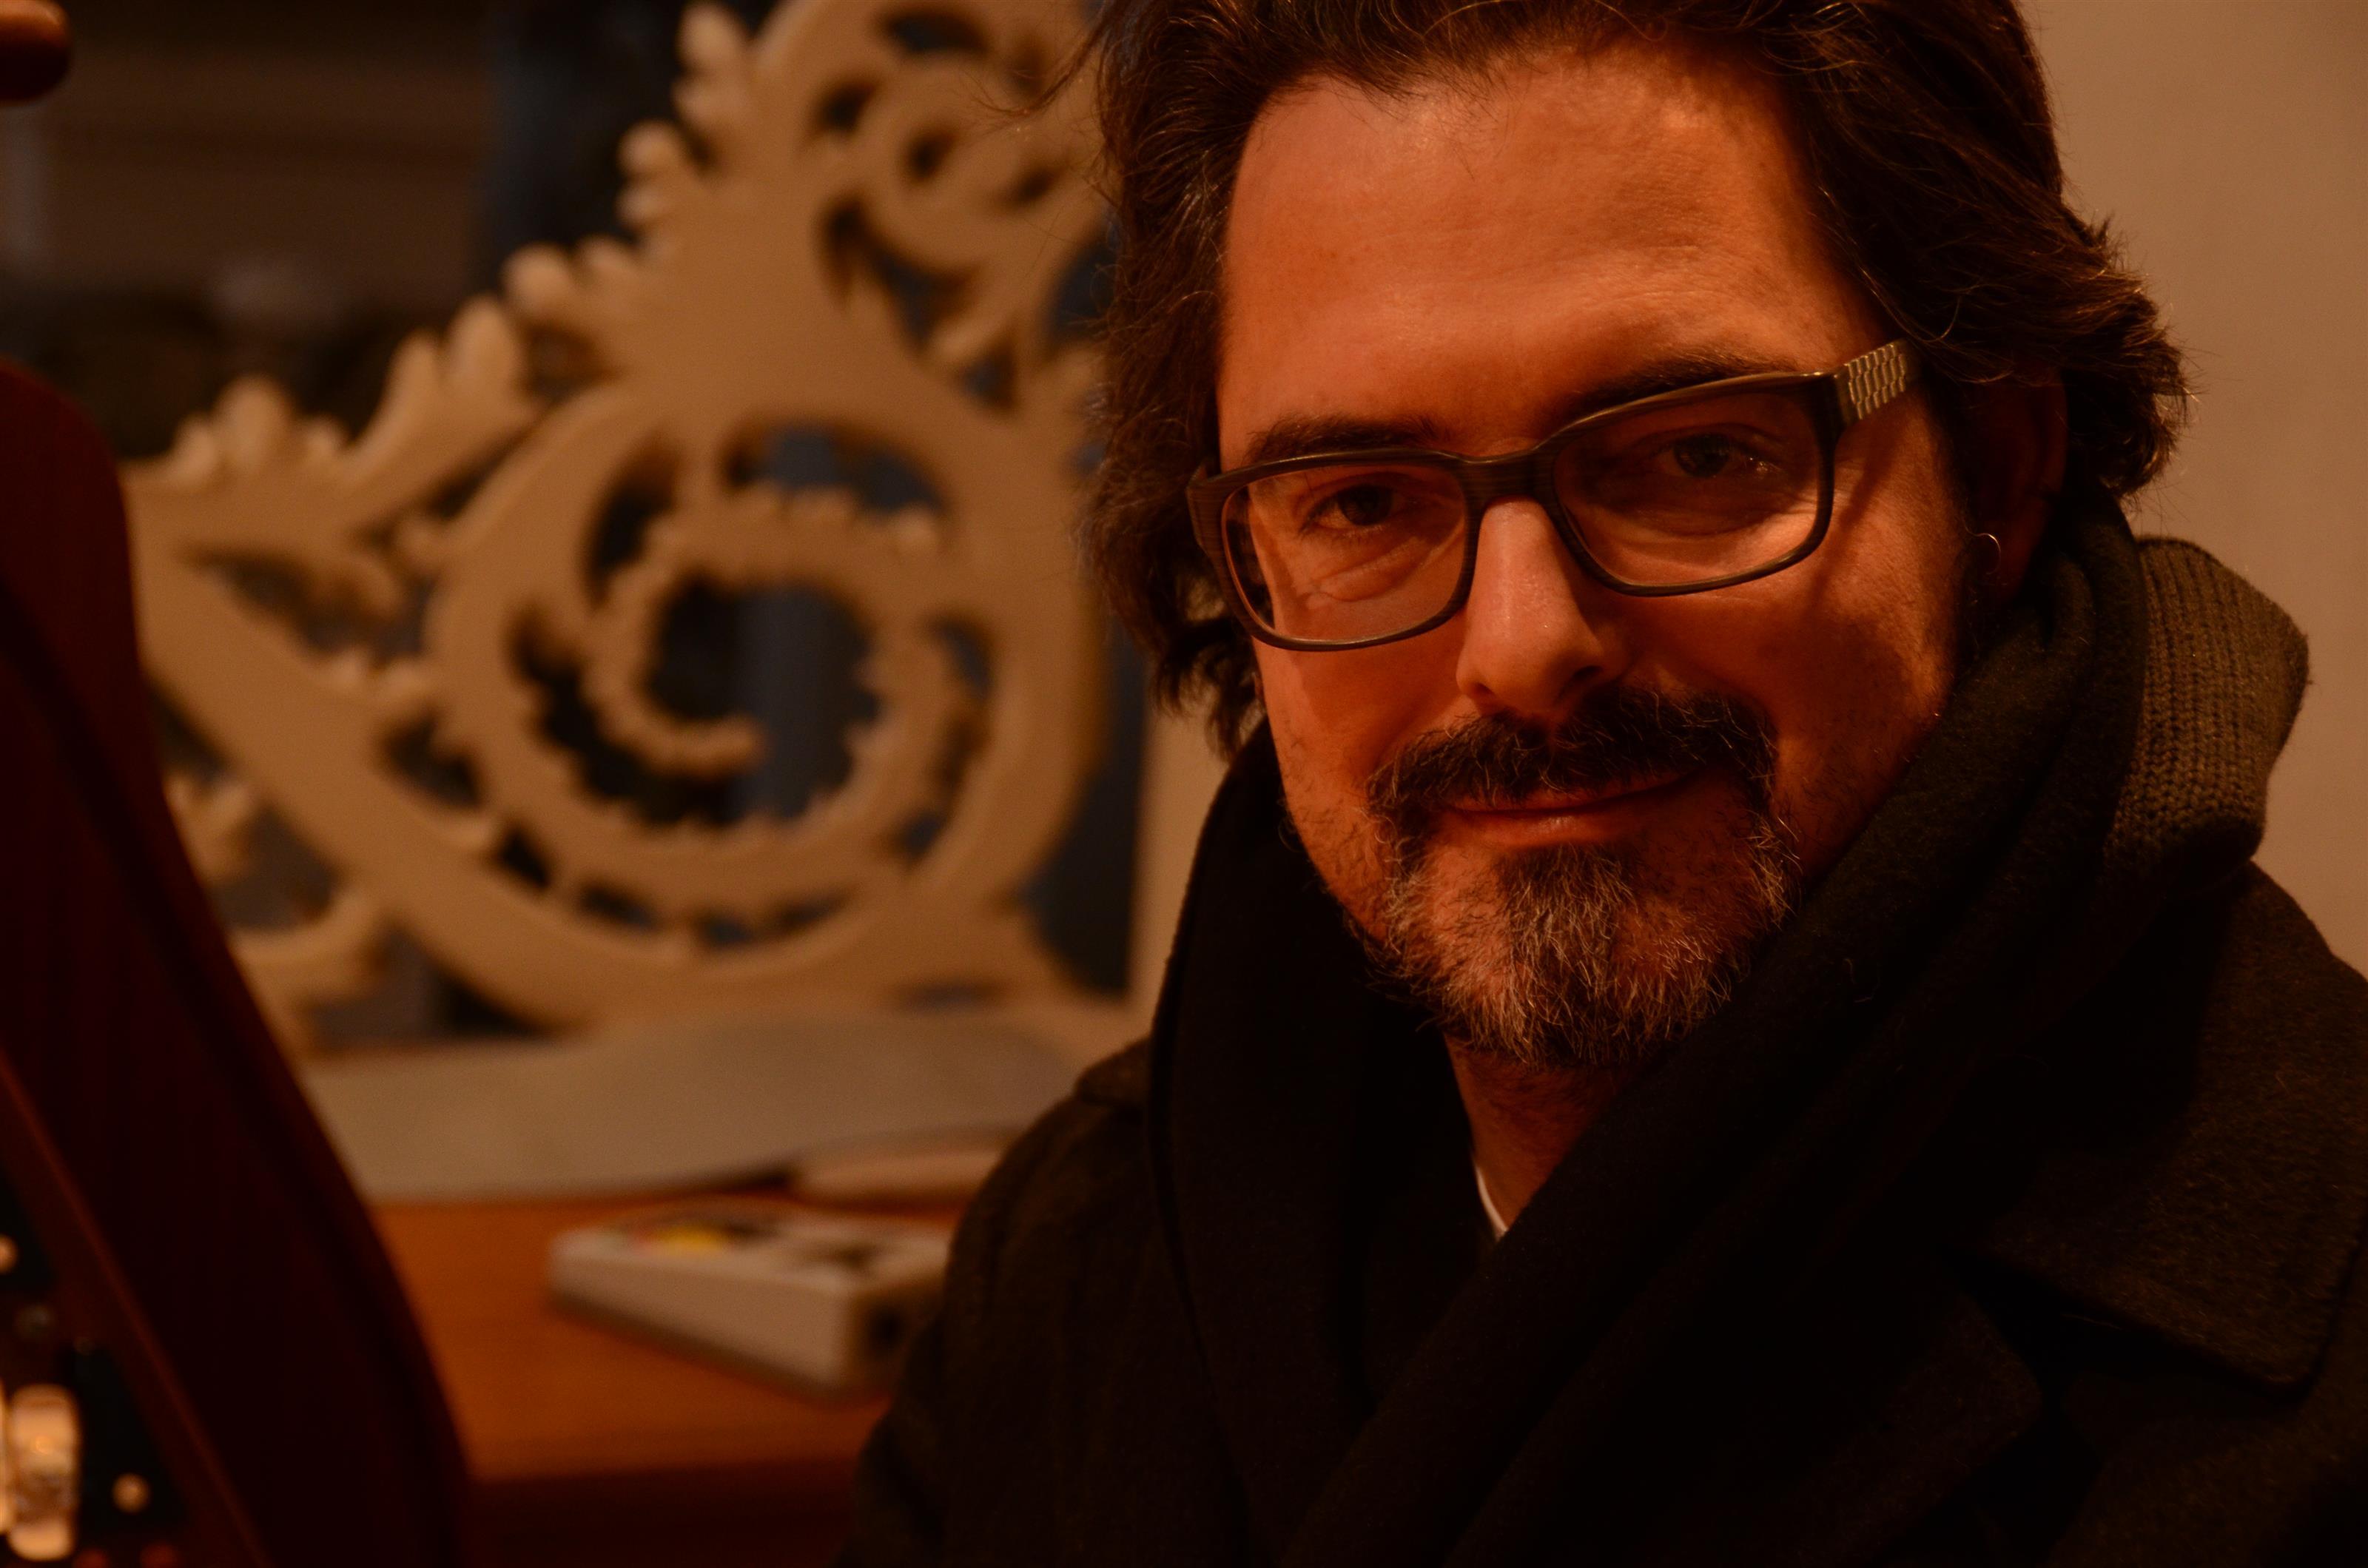 Musik im Blut: Domorganist Ludwig Ruckdeschel entstammt einer durch und durch musikalischen Familie.